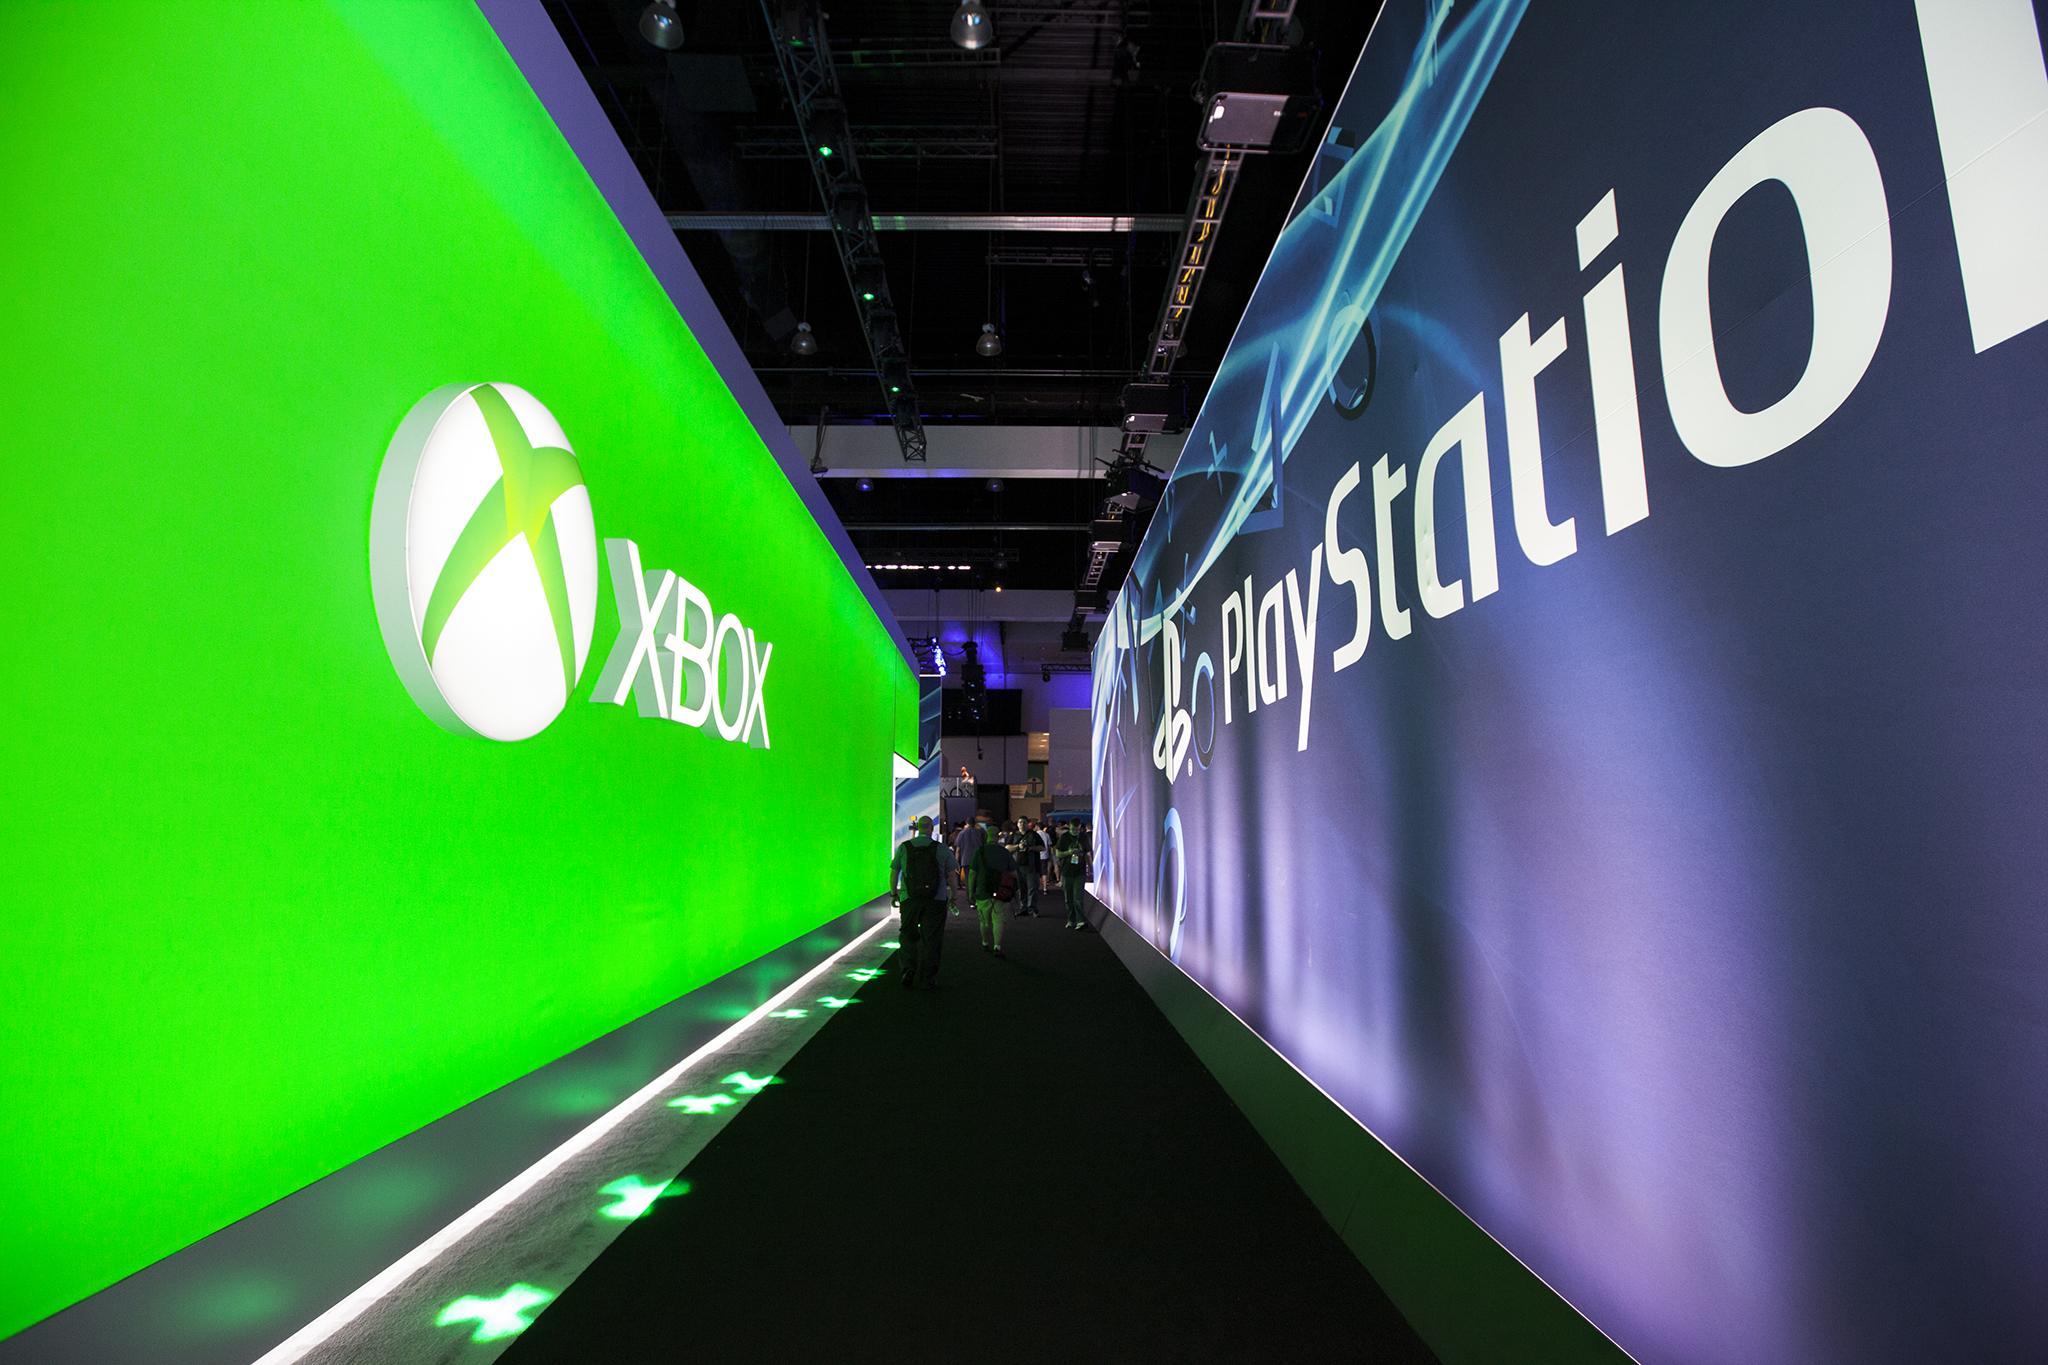 E3 2013 (slide show)